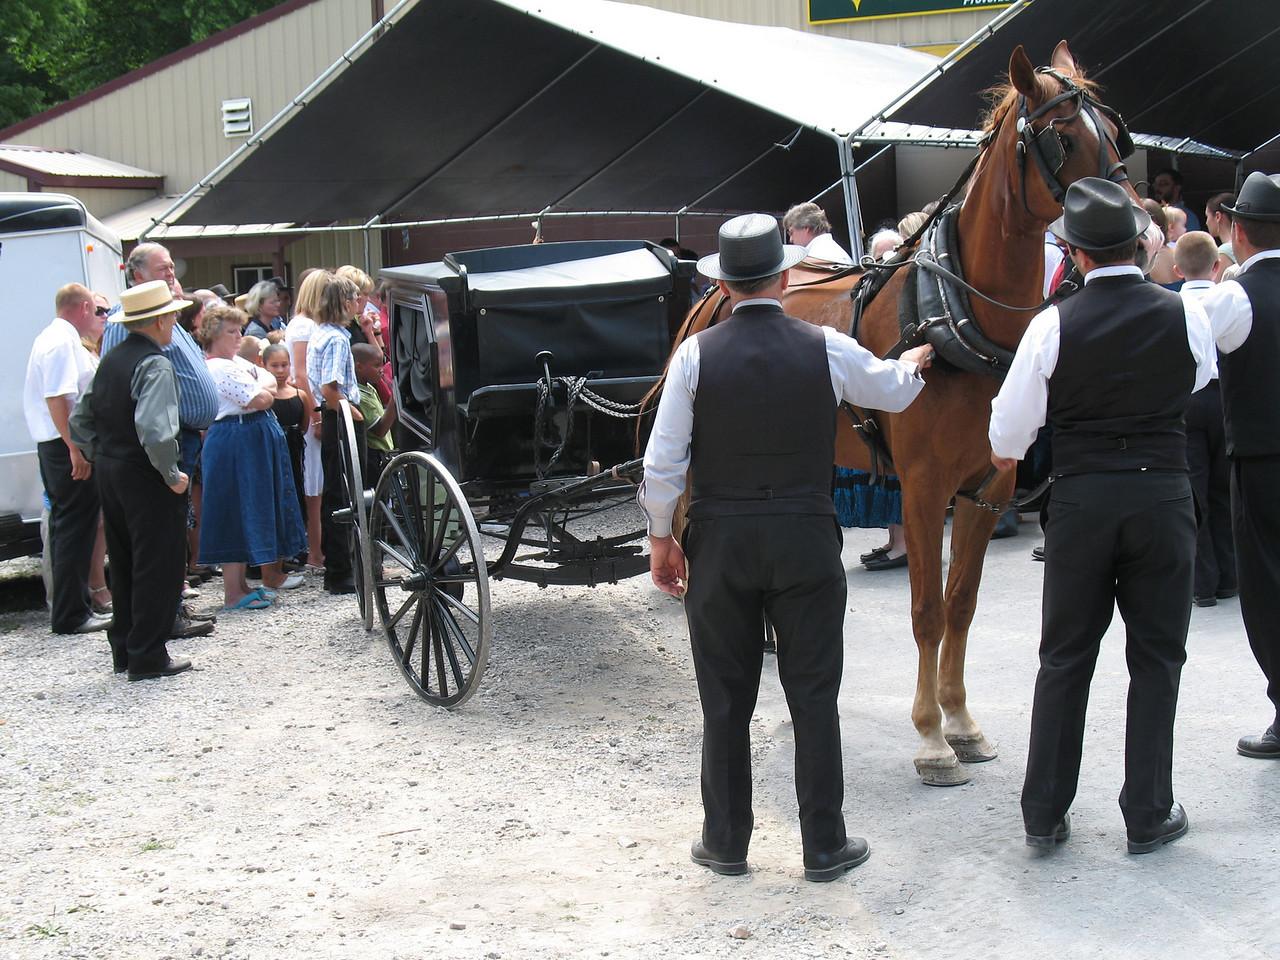 Loading casket in Hearse